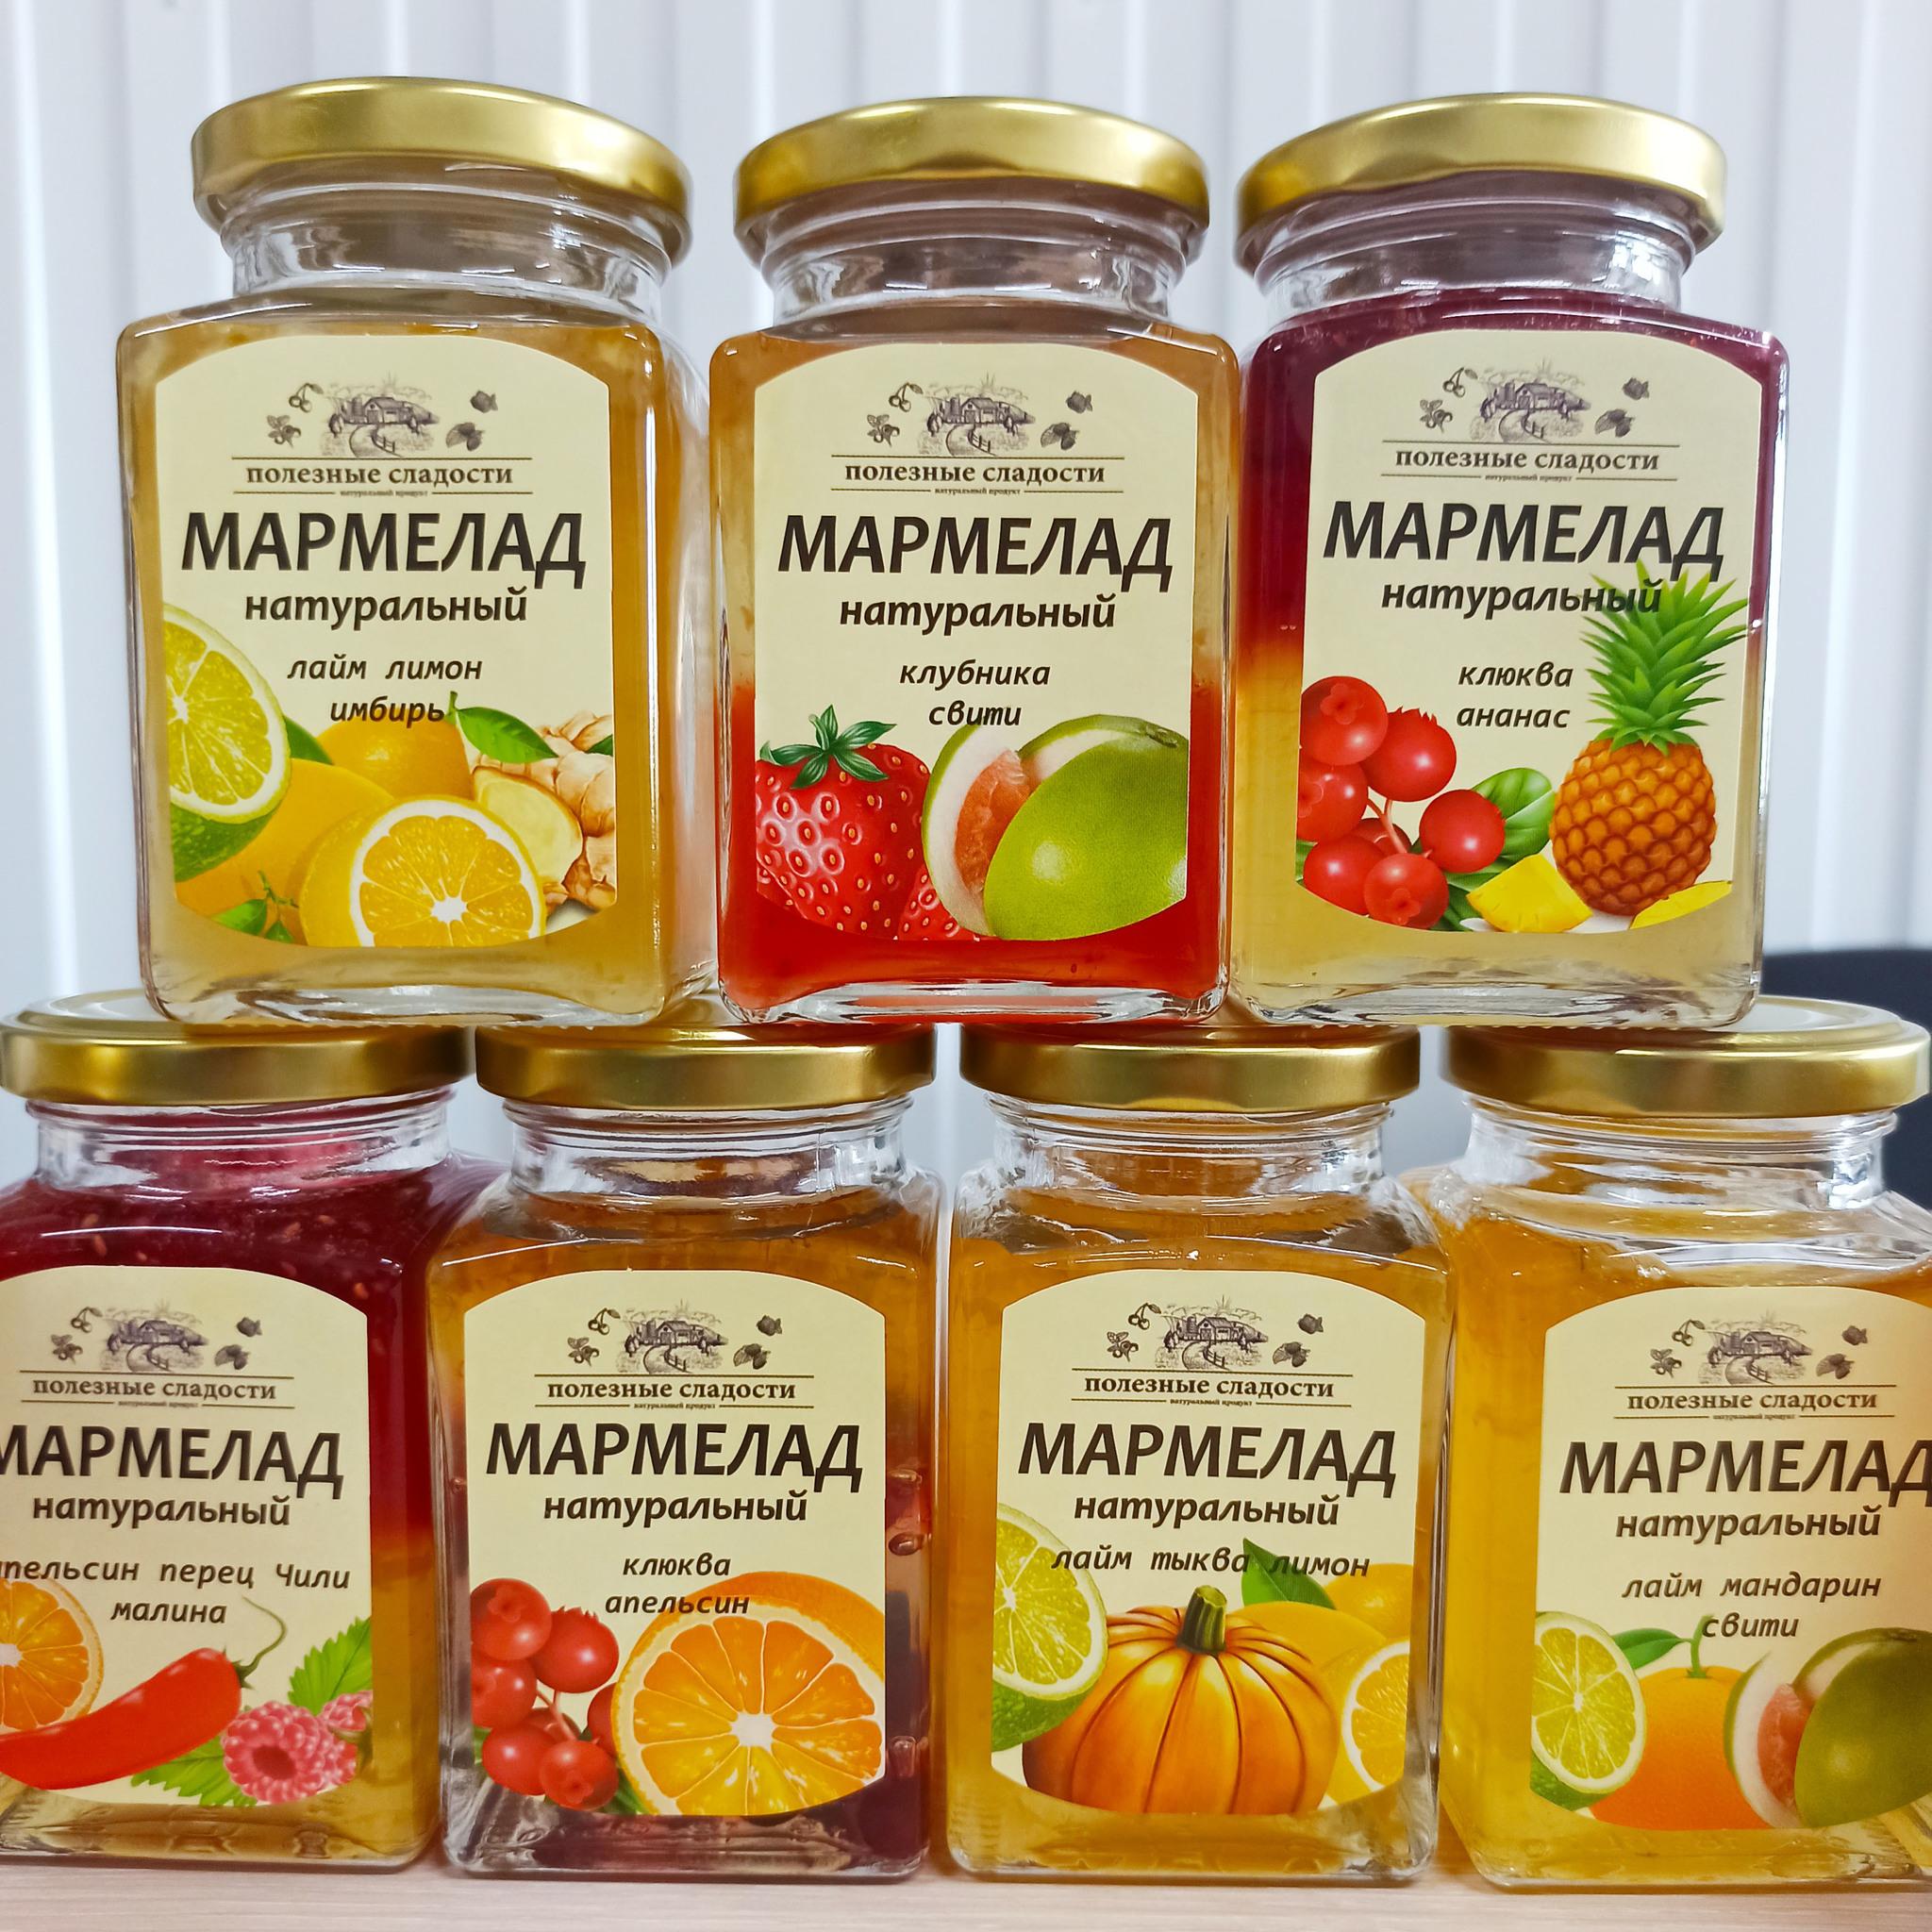 Фотография Натуральный мармелад «Лайм + Лимон + Имбирь» / 250 мл купить в магазине Афлора